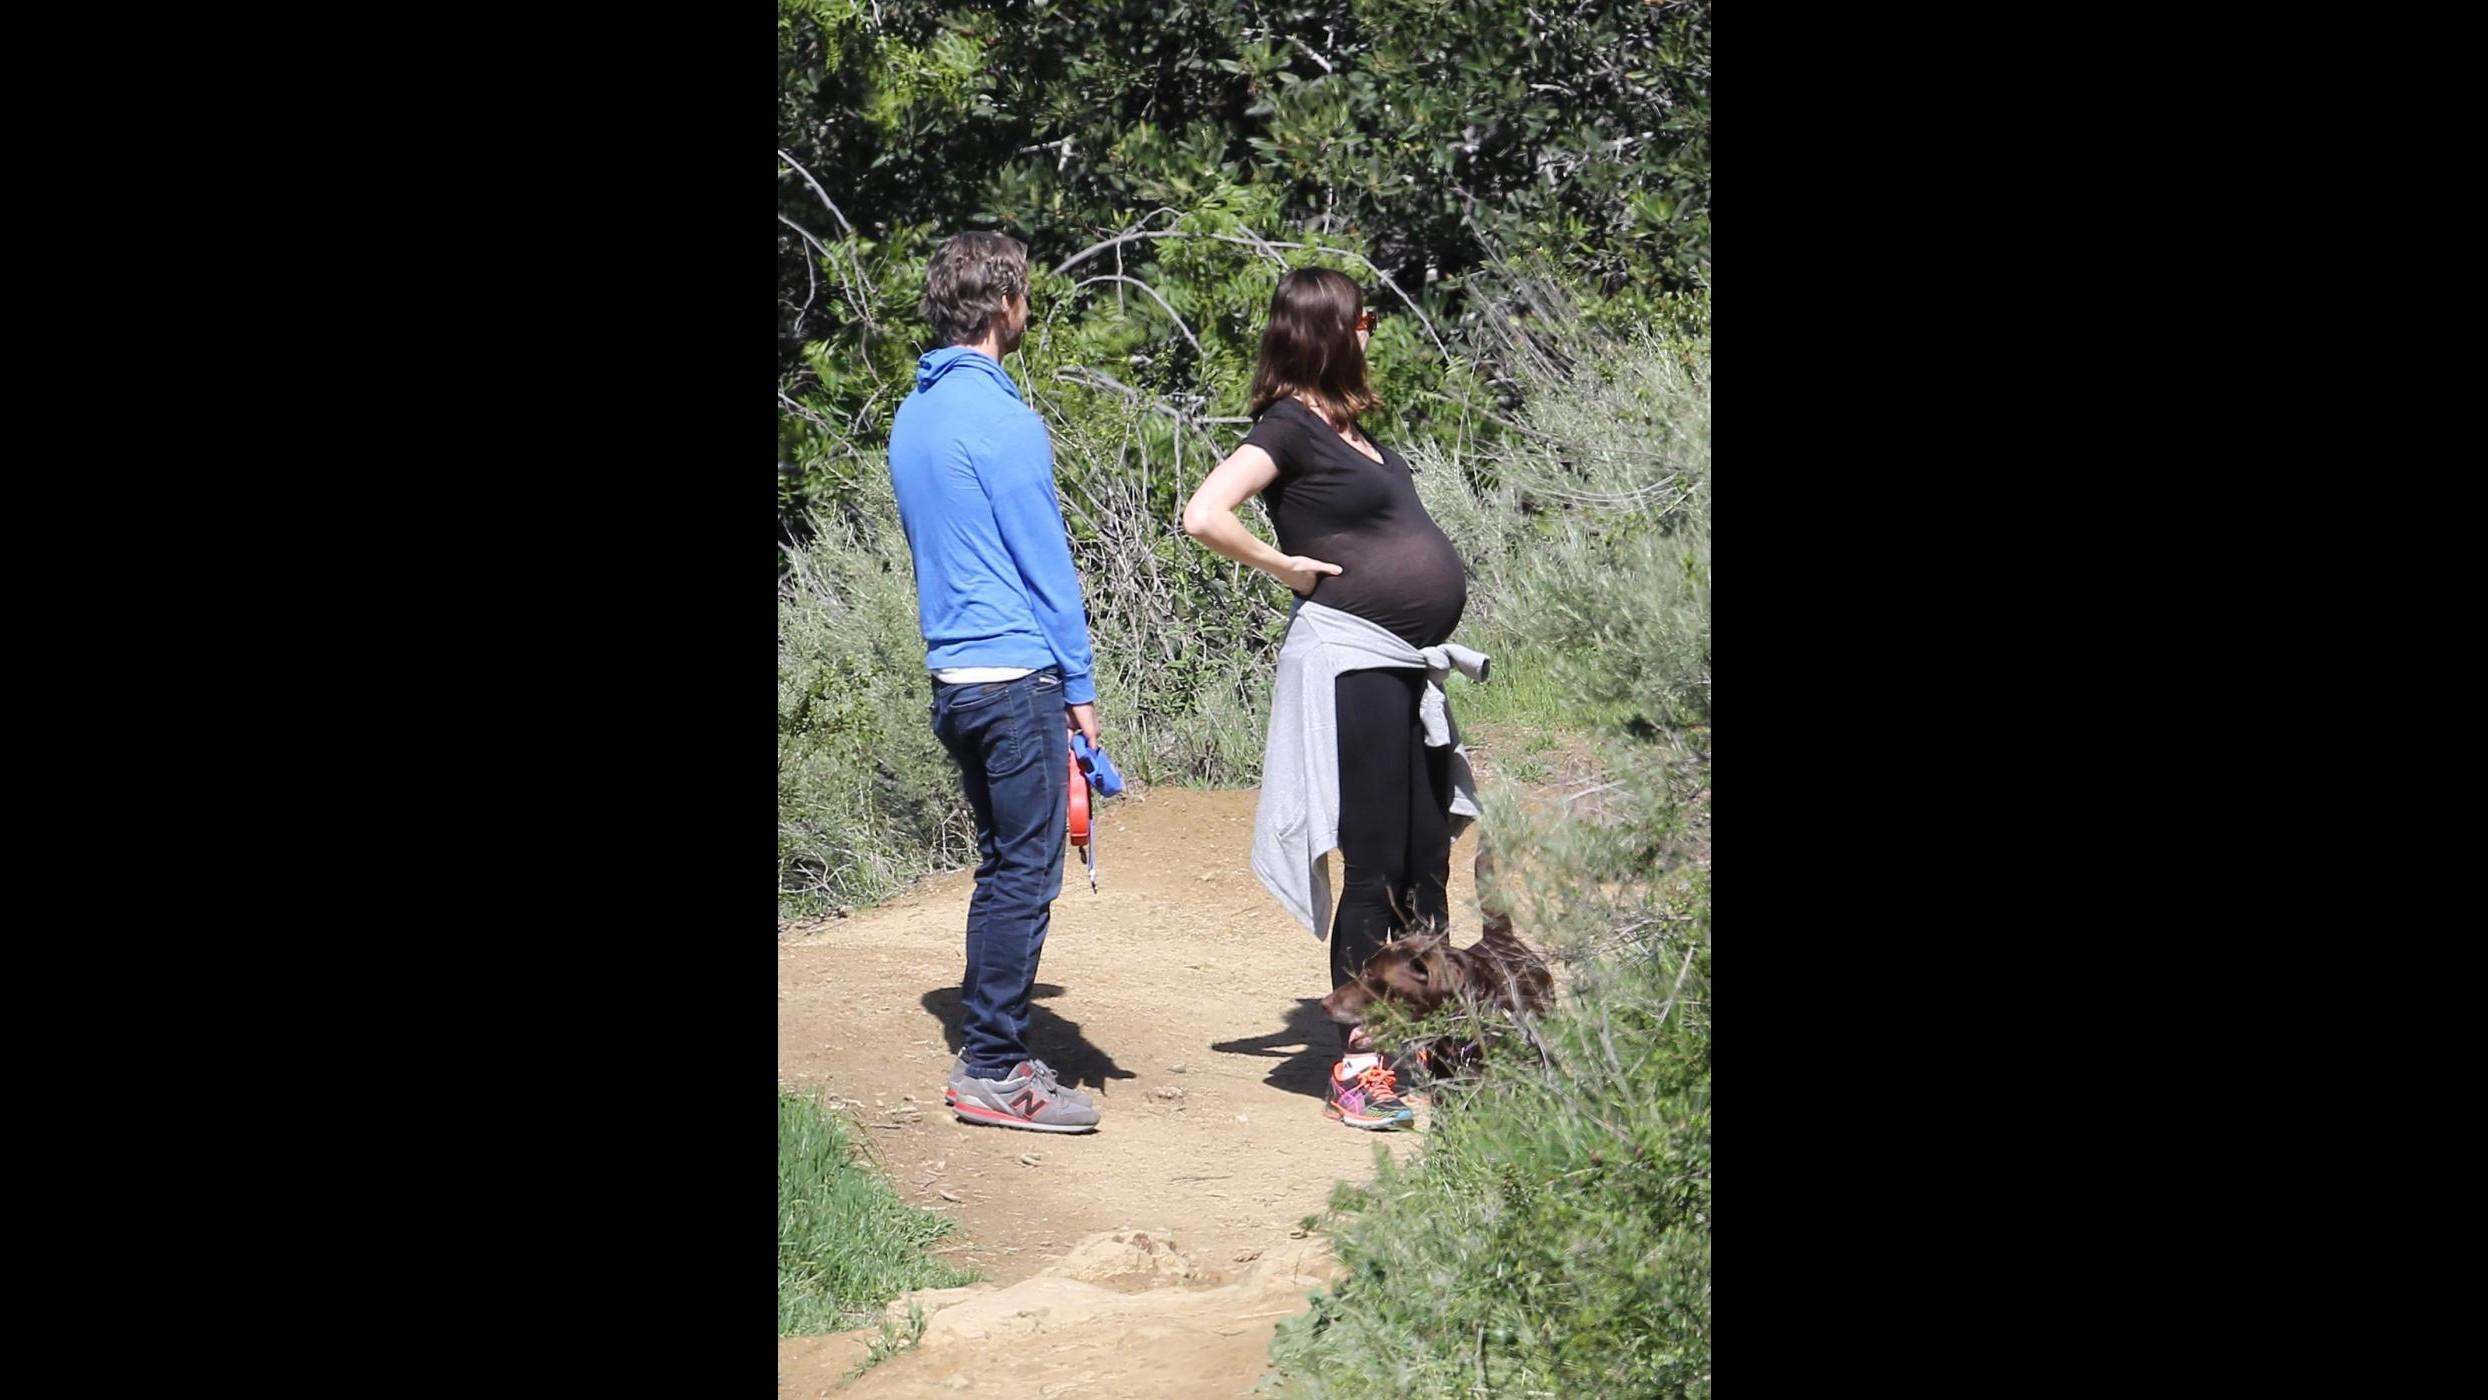 Anne Hathaway a passeggio col pancione